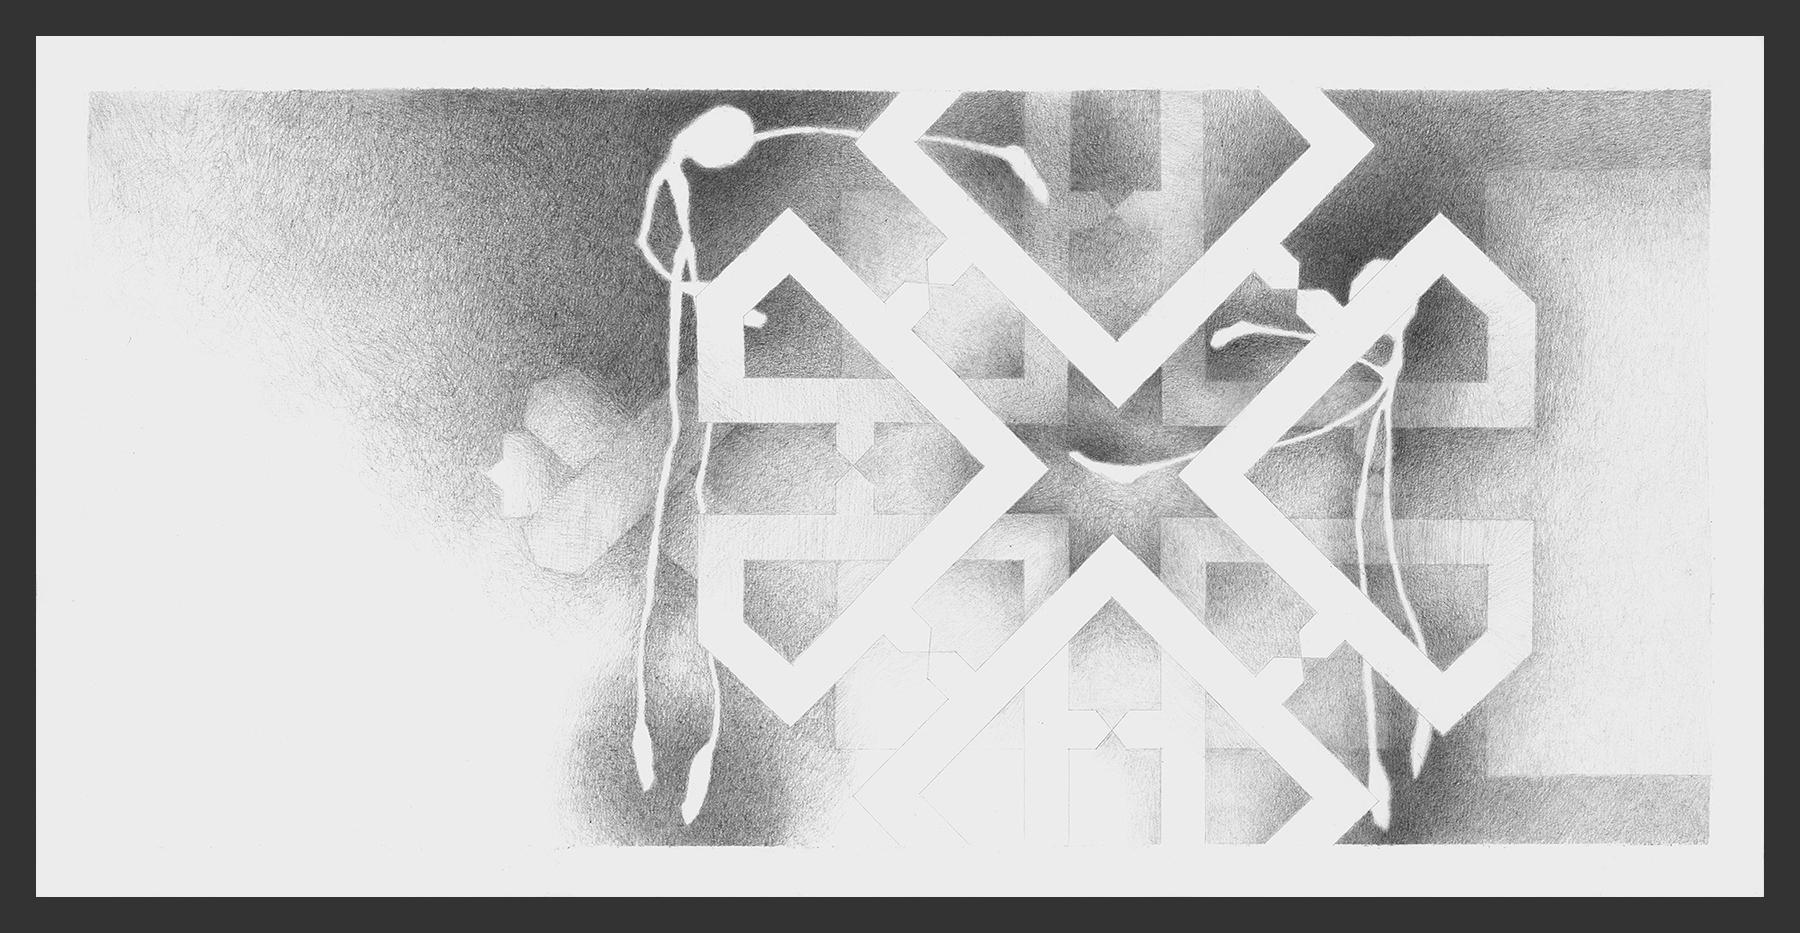 4-Website-Meditation-IV-Graphite-12x24-Astrid-Muller-Karger